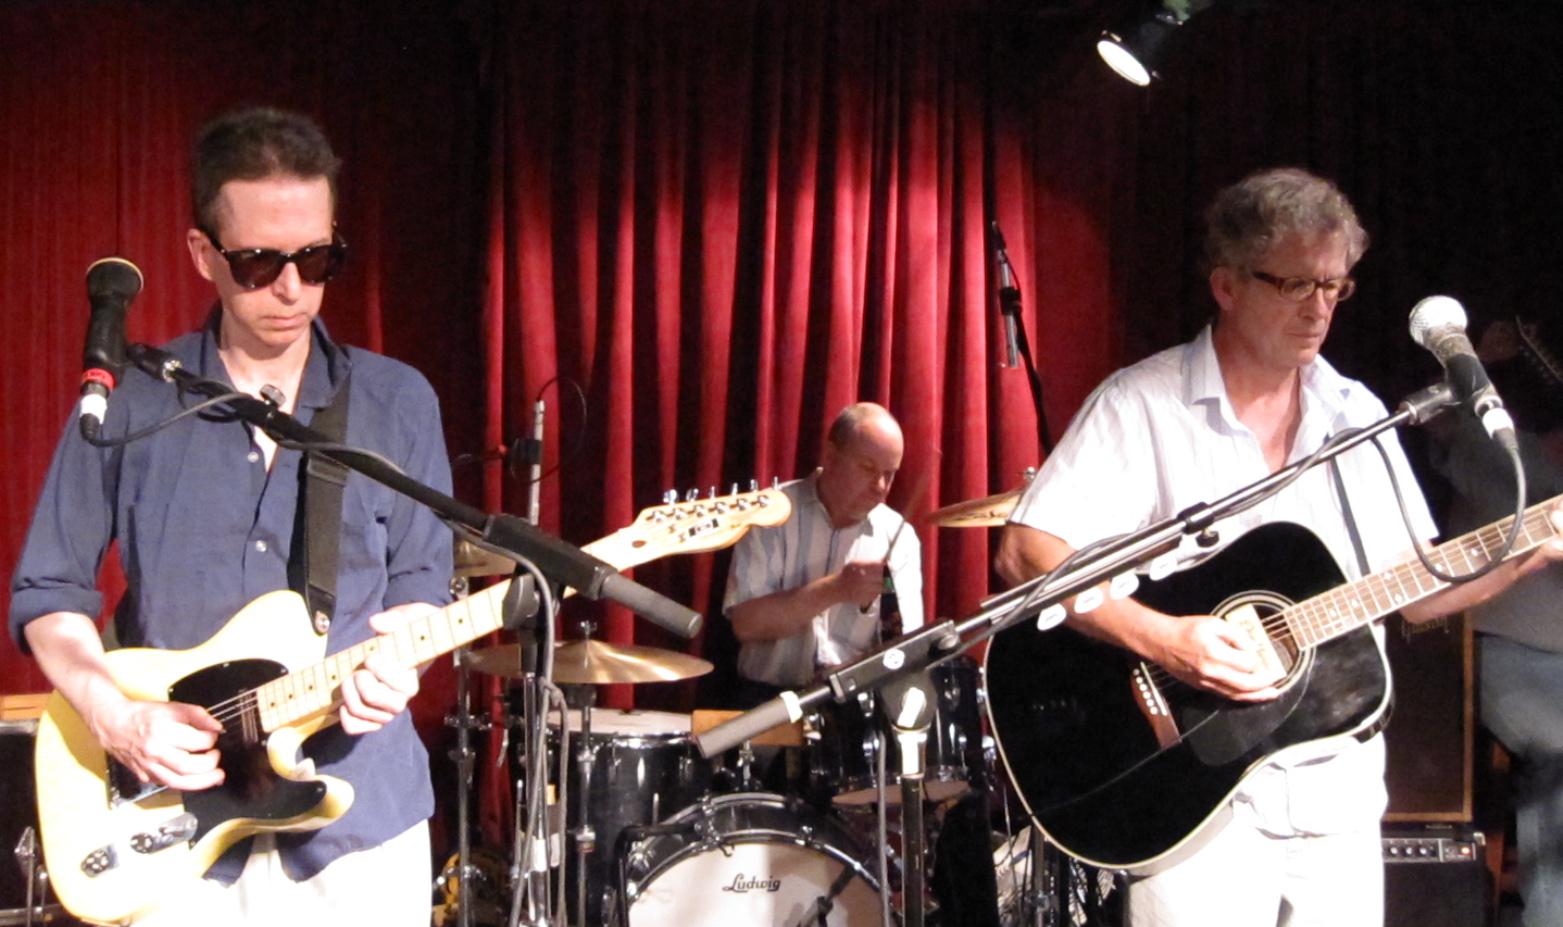 Glenn Mercer, Stanley Demeski and Bill Million of The Feelies at Maxwell's on July 4, 2009. (Copyright 2009, Steven P. Marsh)